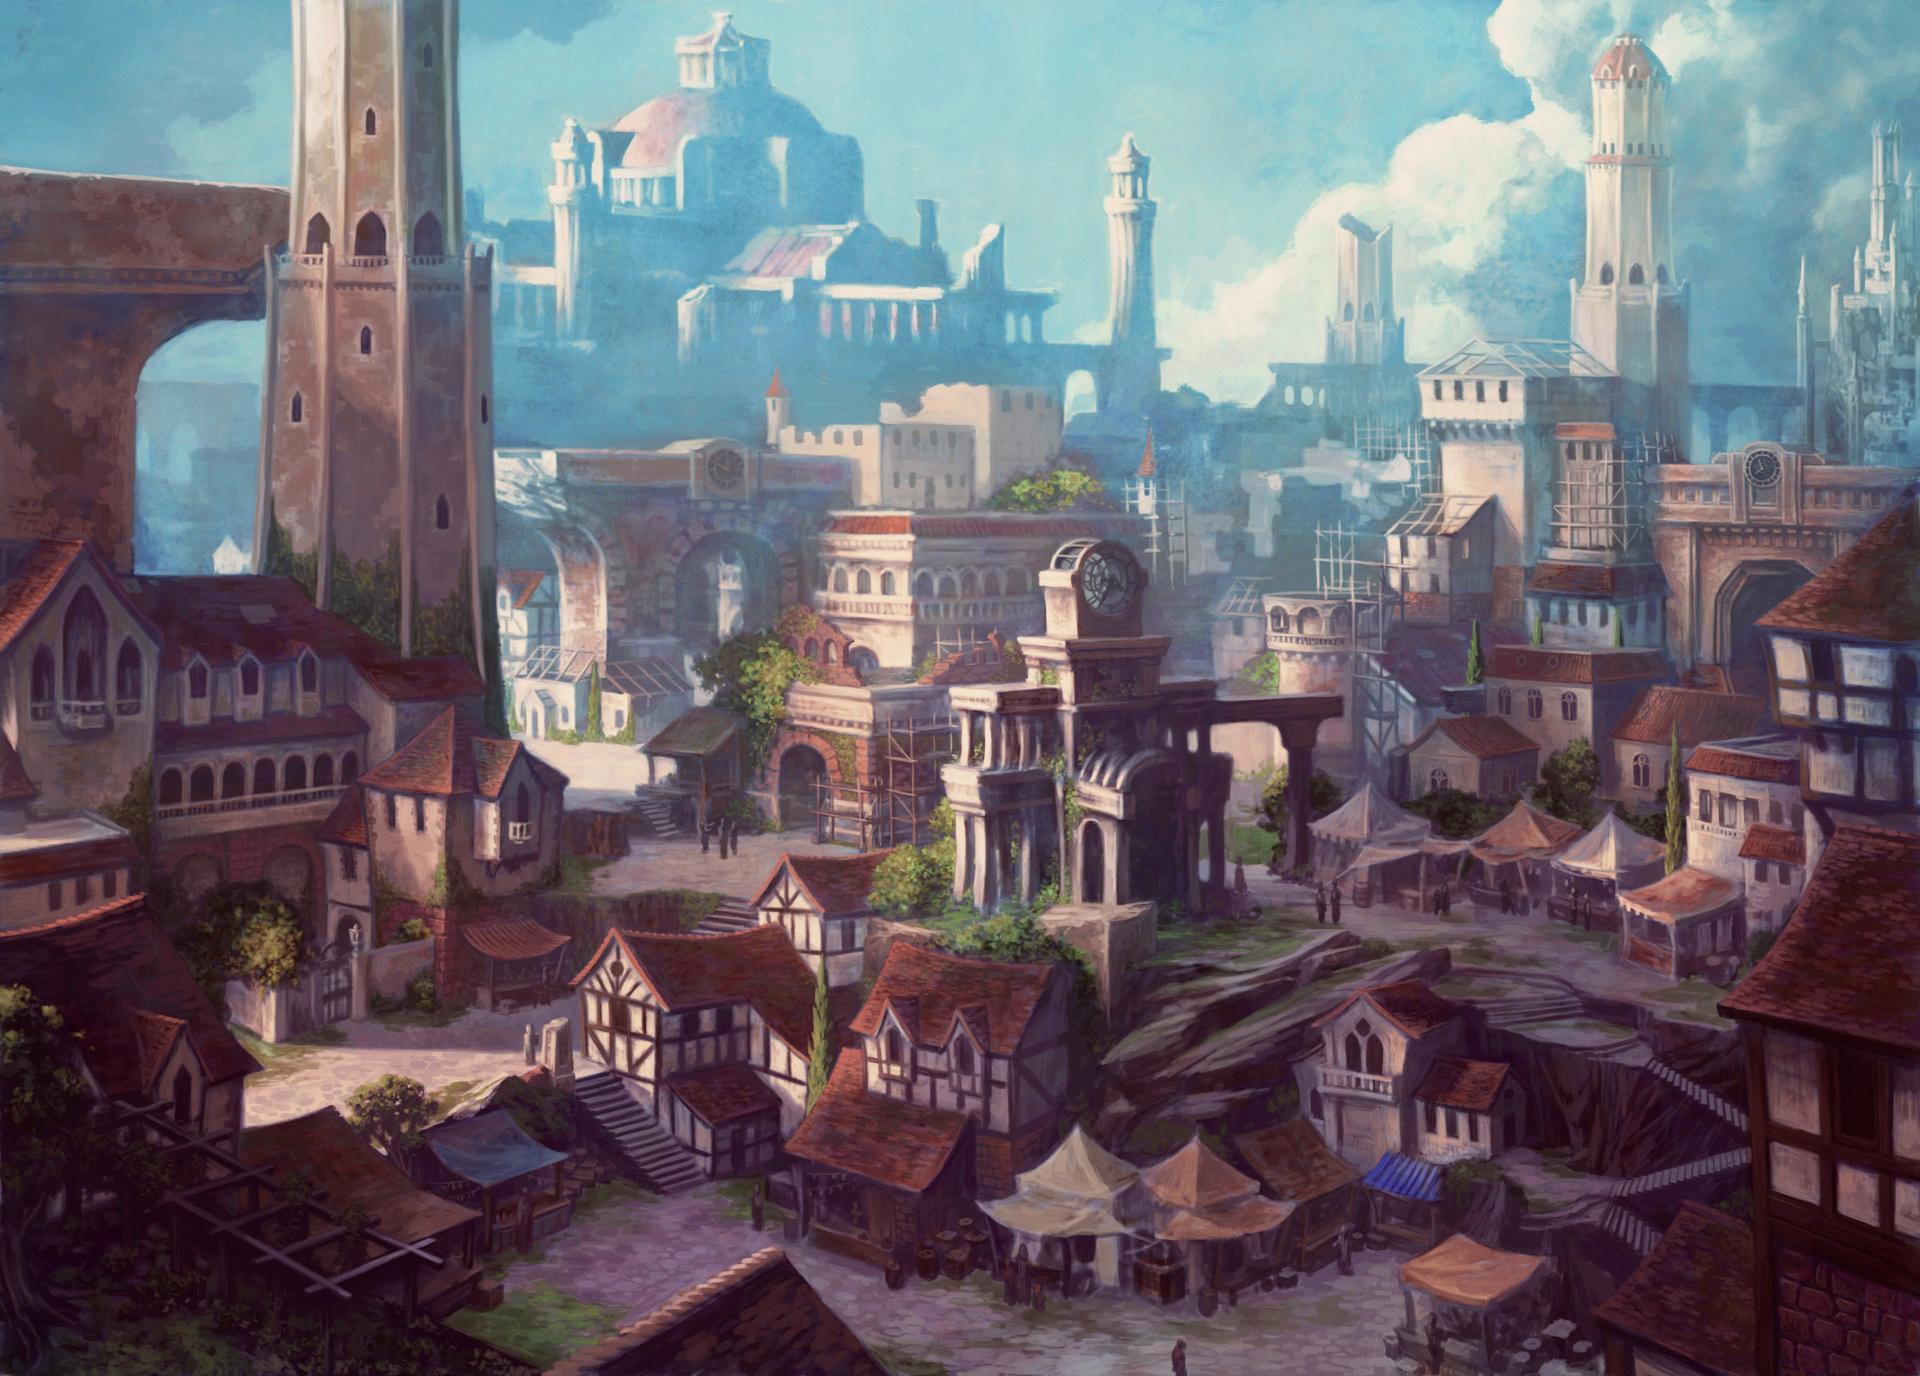 Pergamino LXV (Capítulo III): De los colonos que buscaron sueños perdidos. Imagen22